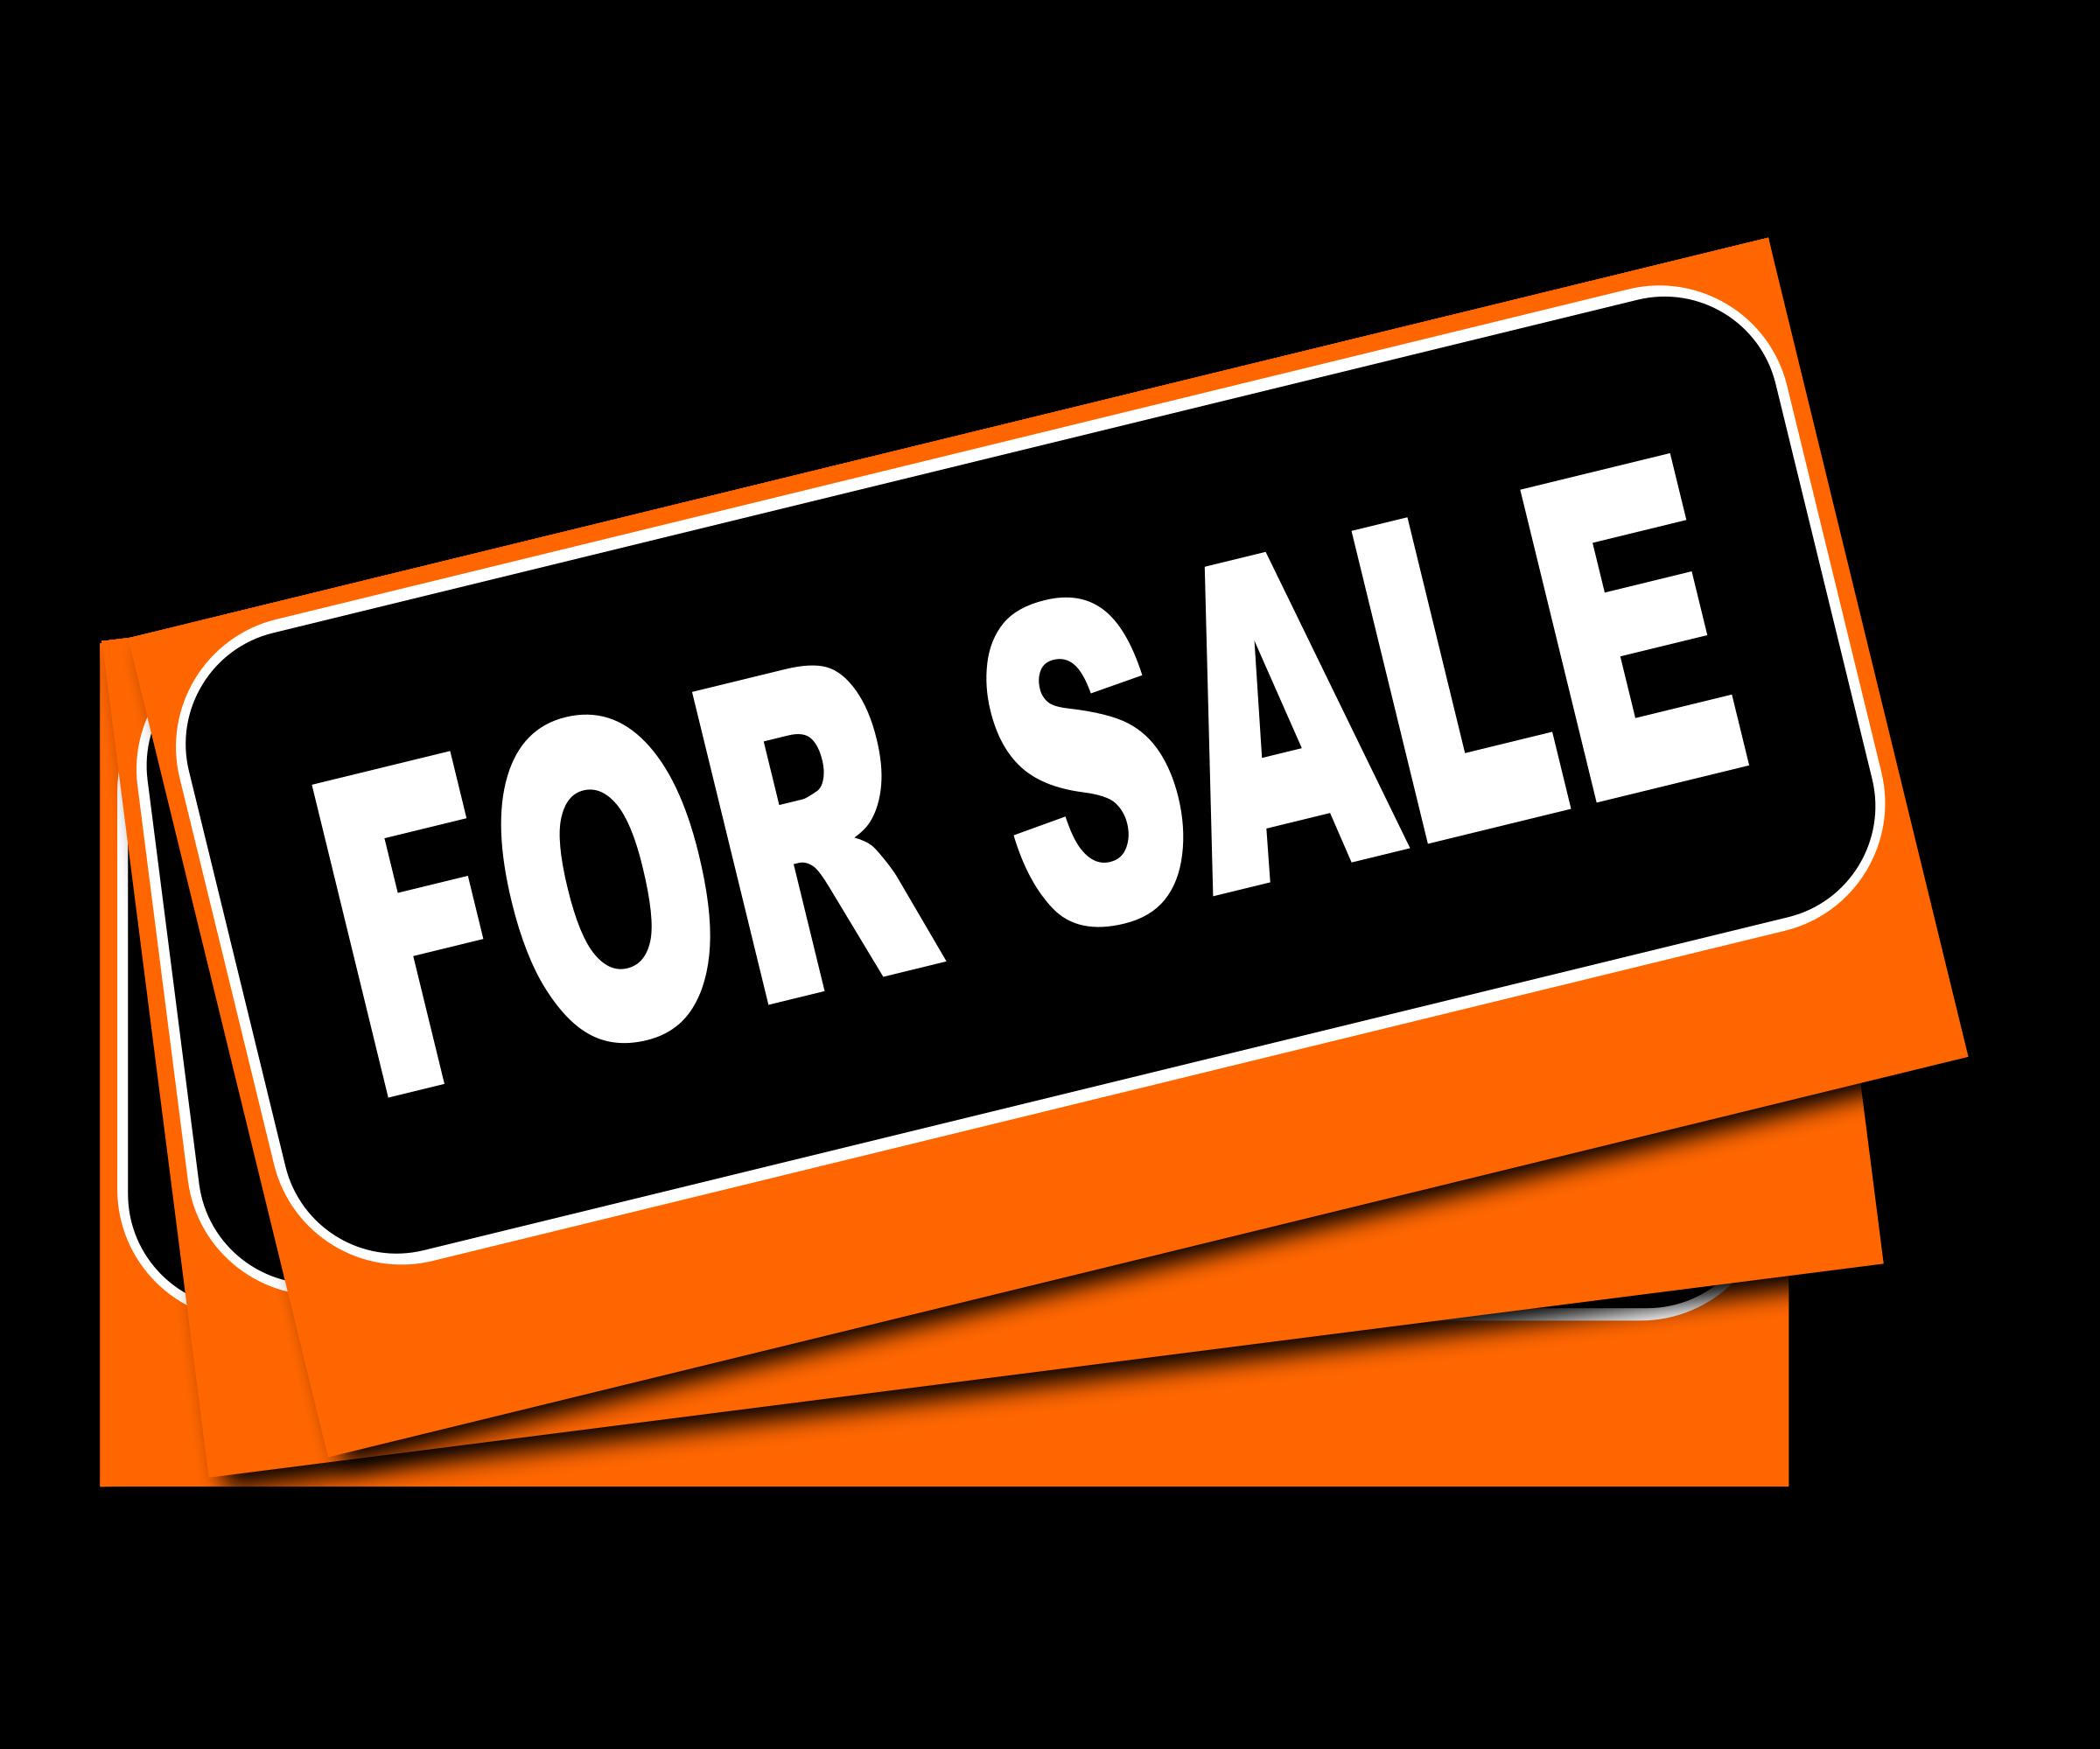 ارض للبيع في السلط حوض الطرازين الكبيرة مساحتها 9500 متر